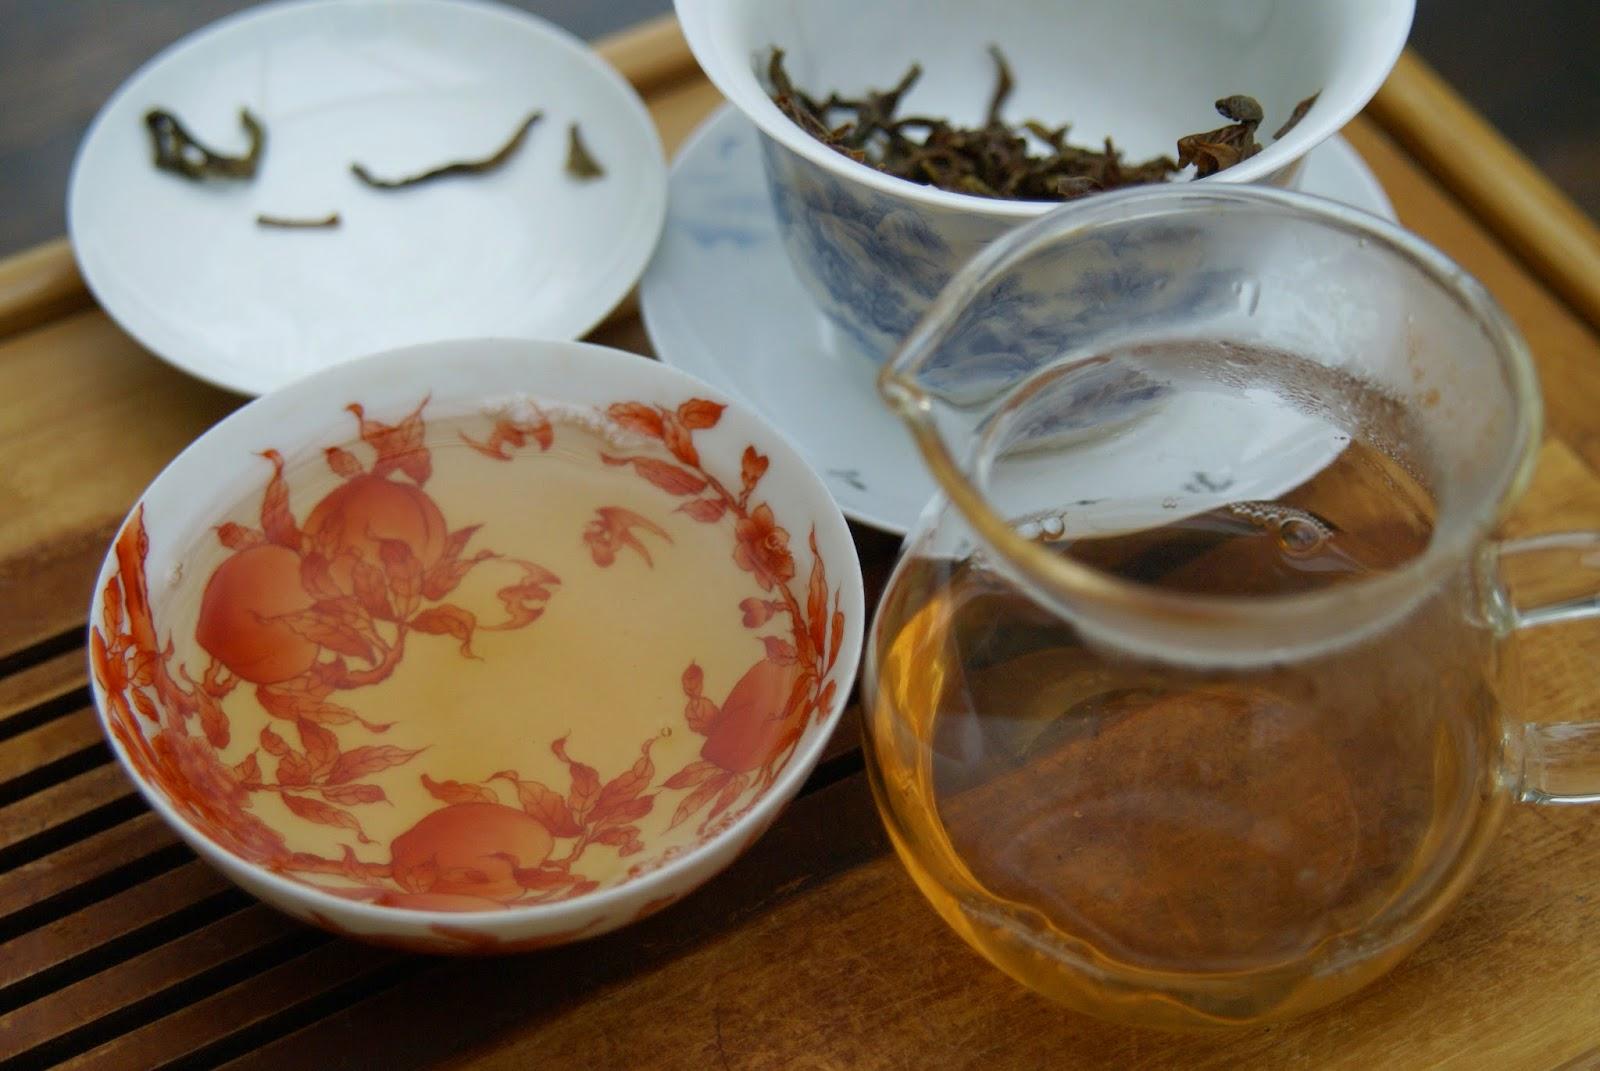 thé et céramique : coupe en porcelaine avec couverte rouge de fer